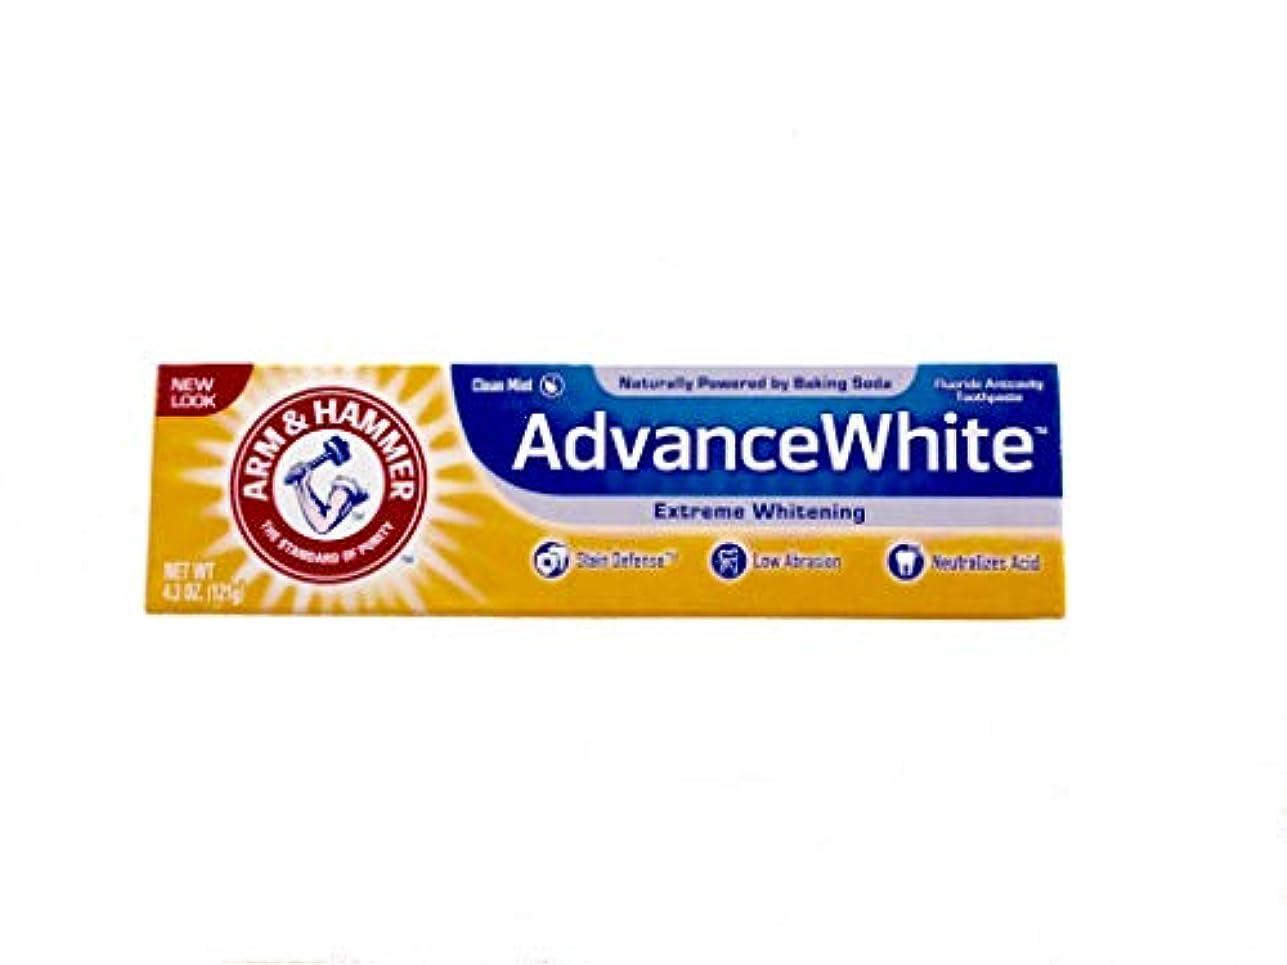 評議会喜び地元Arm & Hammer Advance White Fluoride Anti-Cavity Toothpaste with Baking Soda & Peroxide - 4.3 oz by Arm & Hammer [並行輸入品]